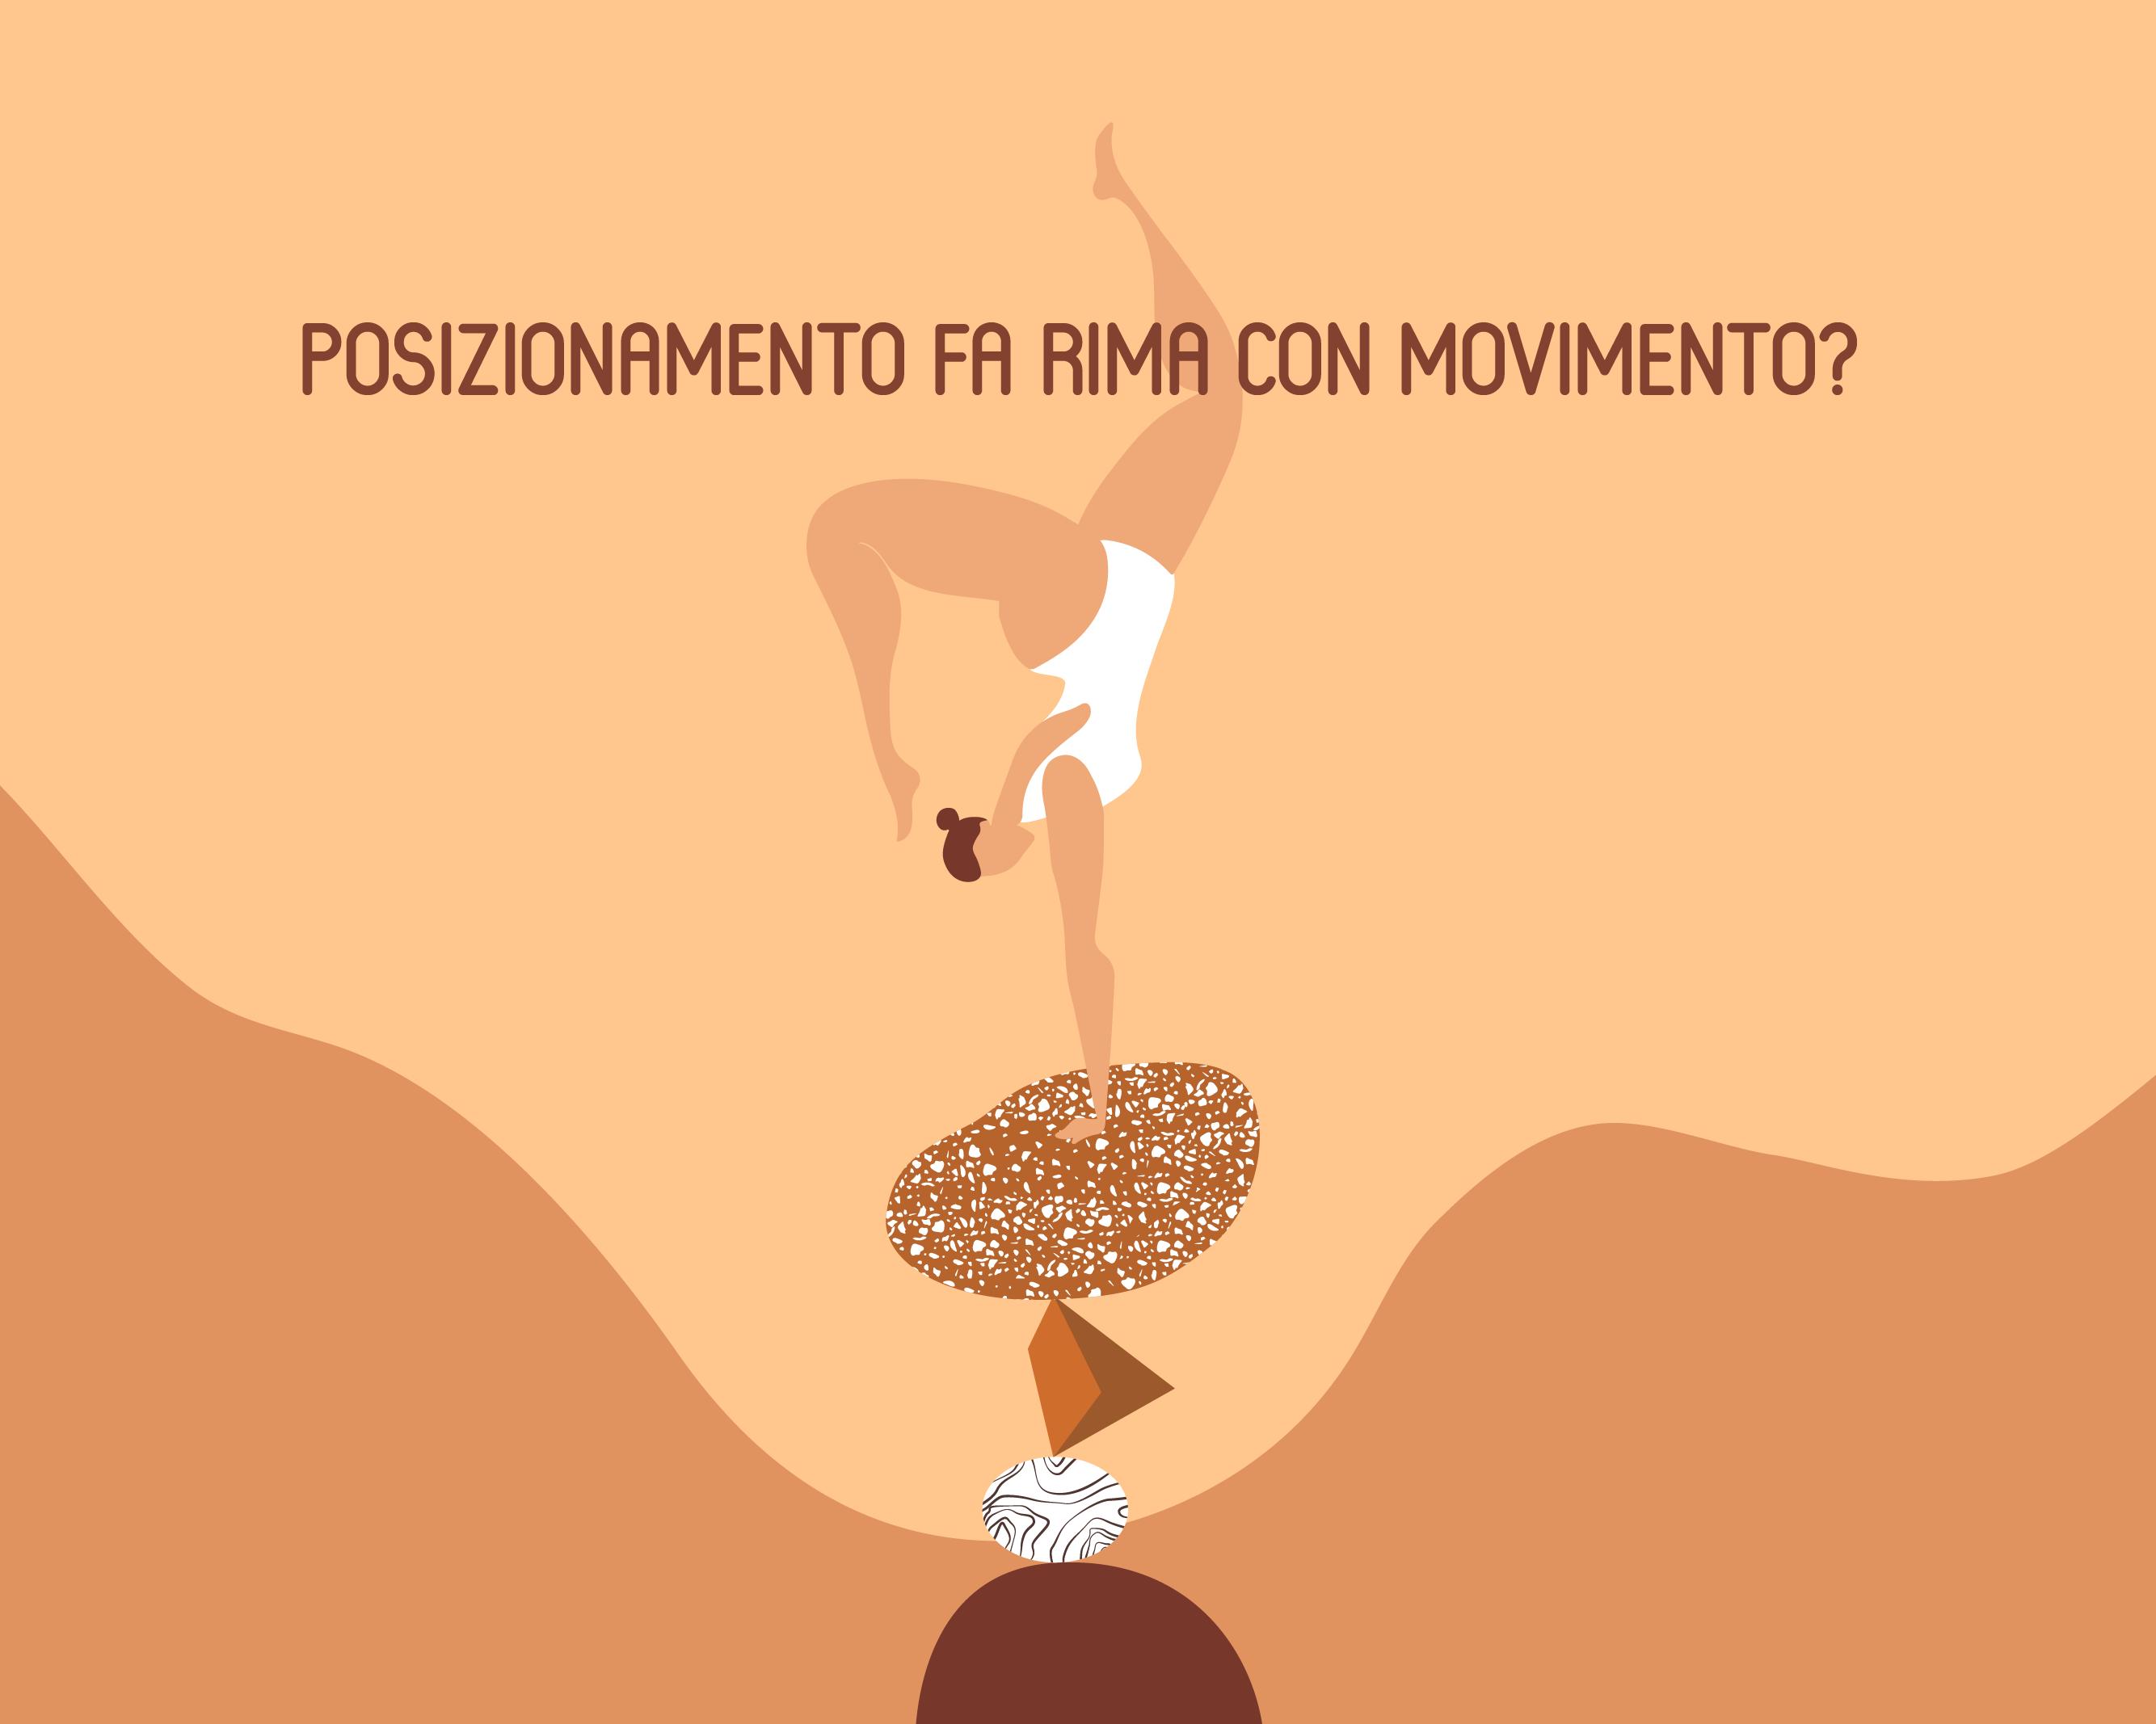 Posizionamento fa rima con movimento?